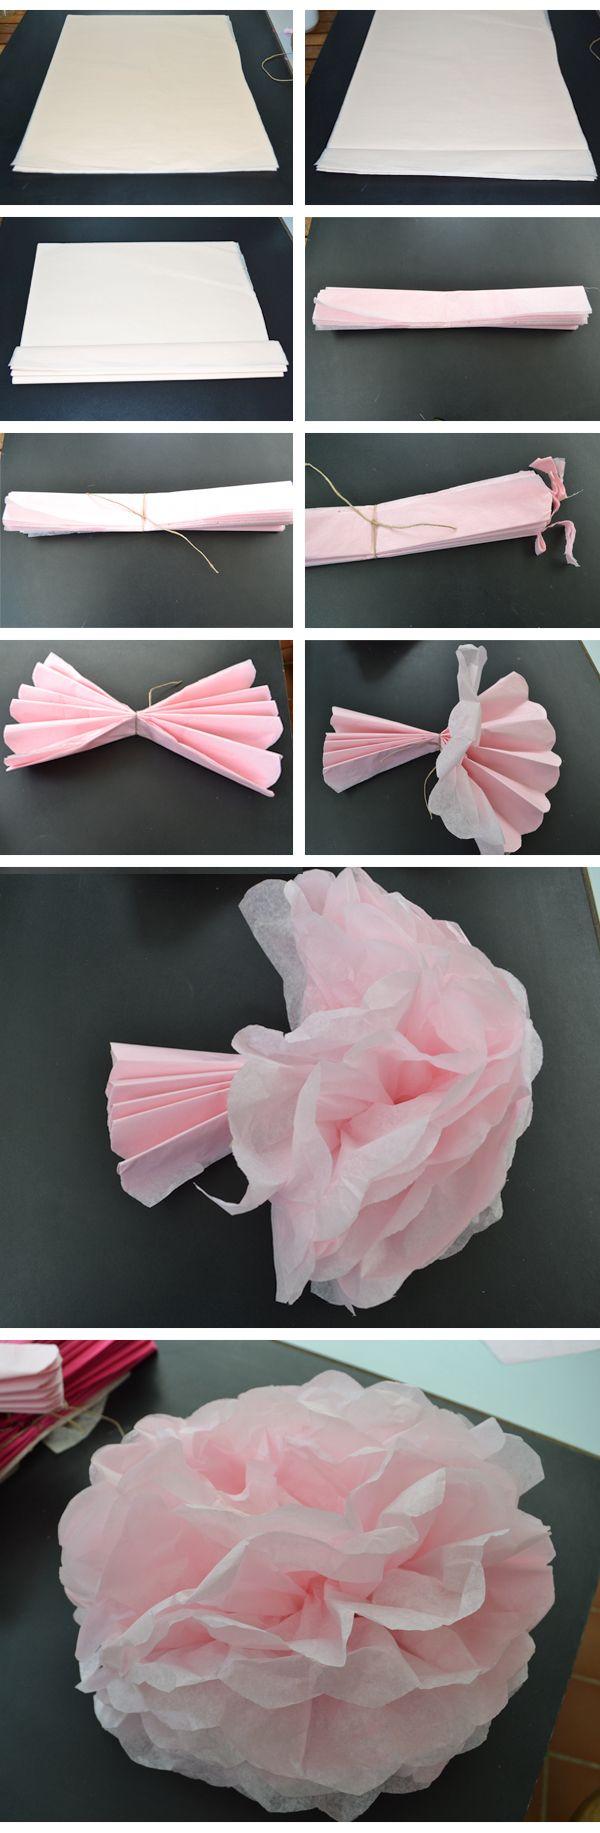 DIY : Pompons de soie | DIY Mariage |  Avec une rame de 500 feuilles j'ai fait une centaine de pompons de toutes les tailles